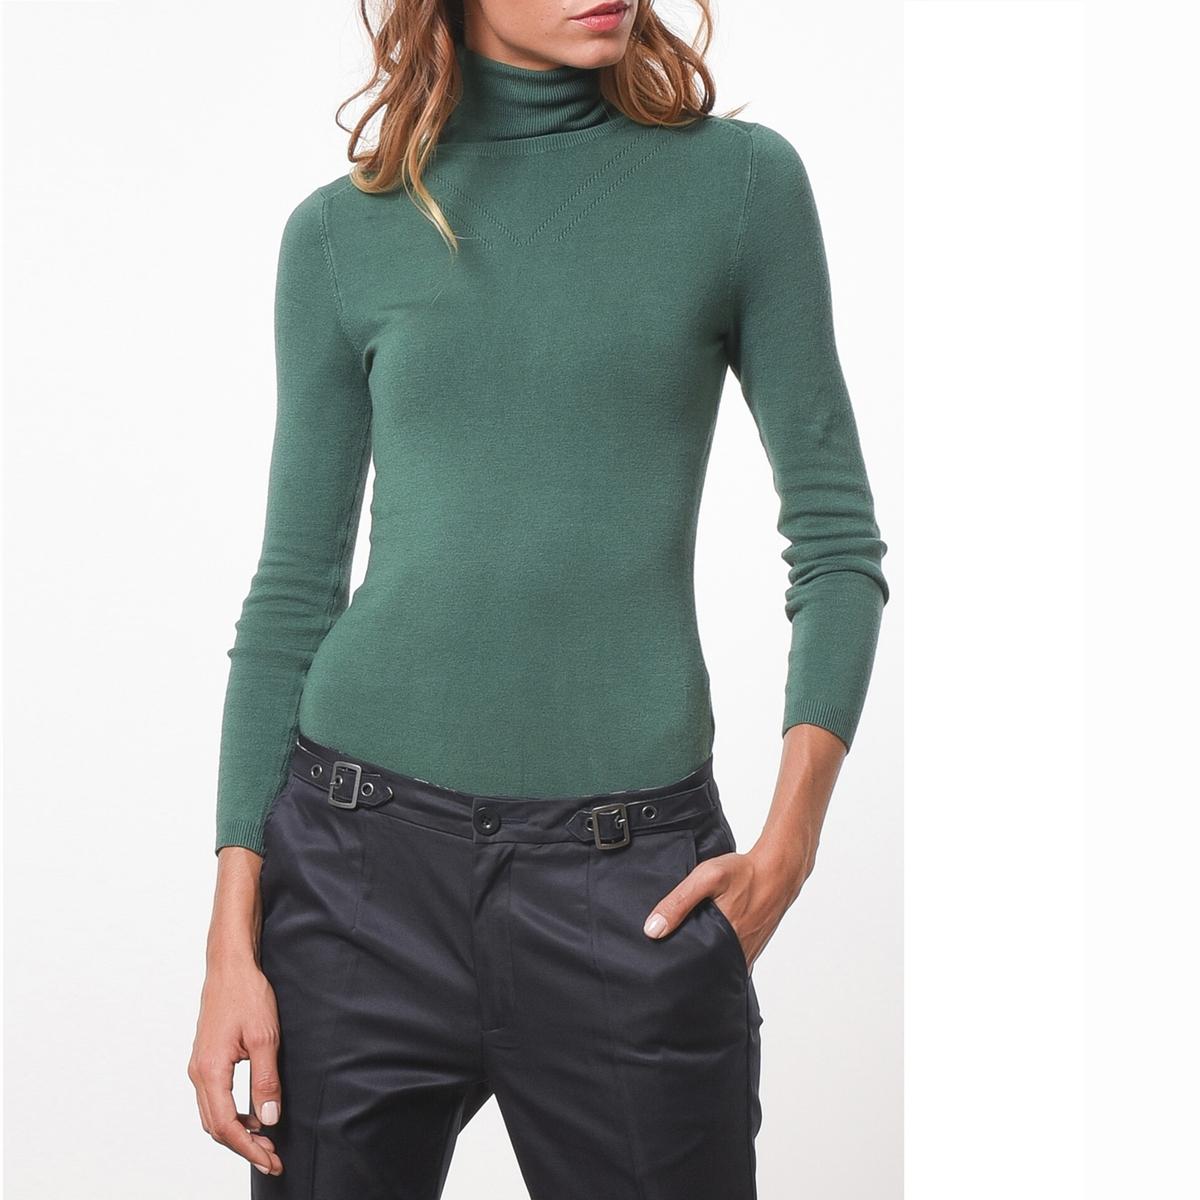 Пуловер с высоким воротникомСостав &amp; ДеталиМатериал            81% вискозы, 17% полиамида, 2% эластана      Марка            JOE RETRO          Уход     Следуйте рекомендациям по уходу, указанным на этикетке изделия<br><br>Цвет: зеленый<br>Размер: L.XL